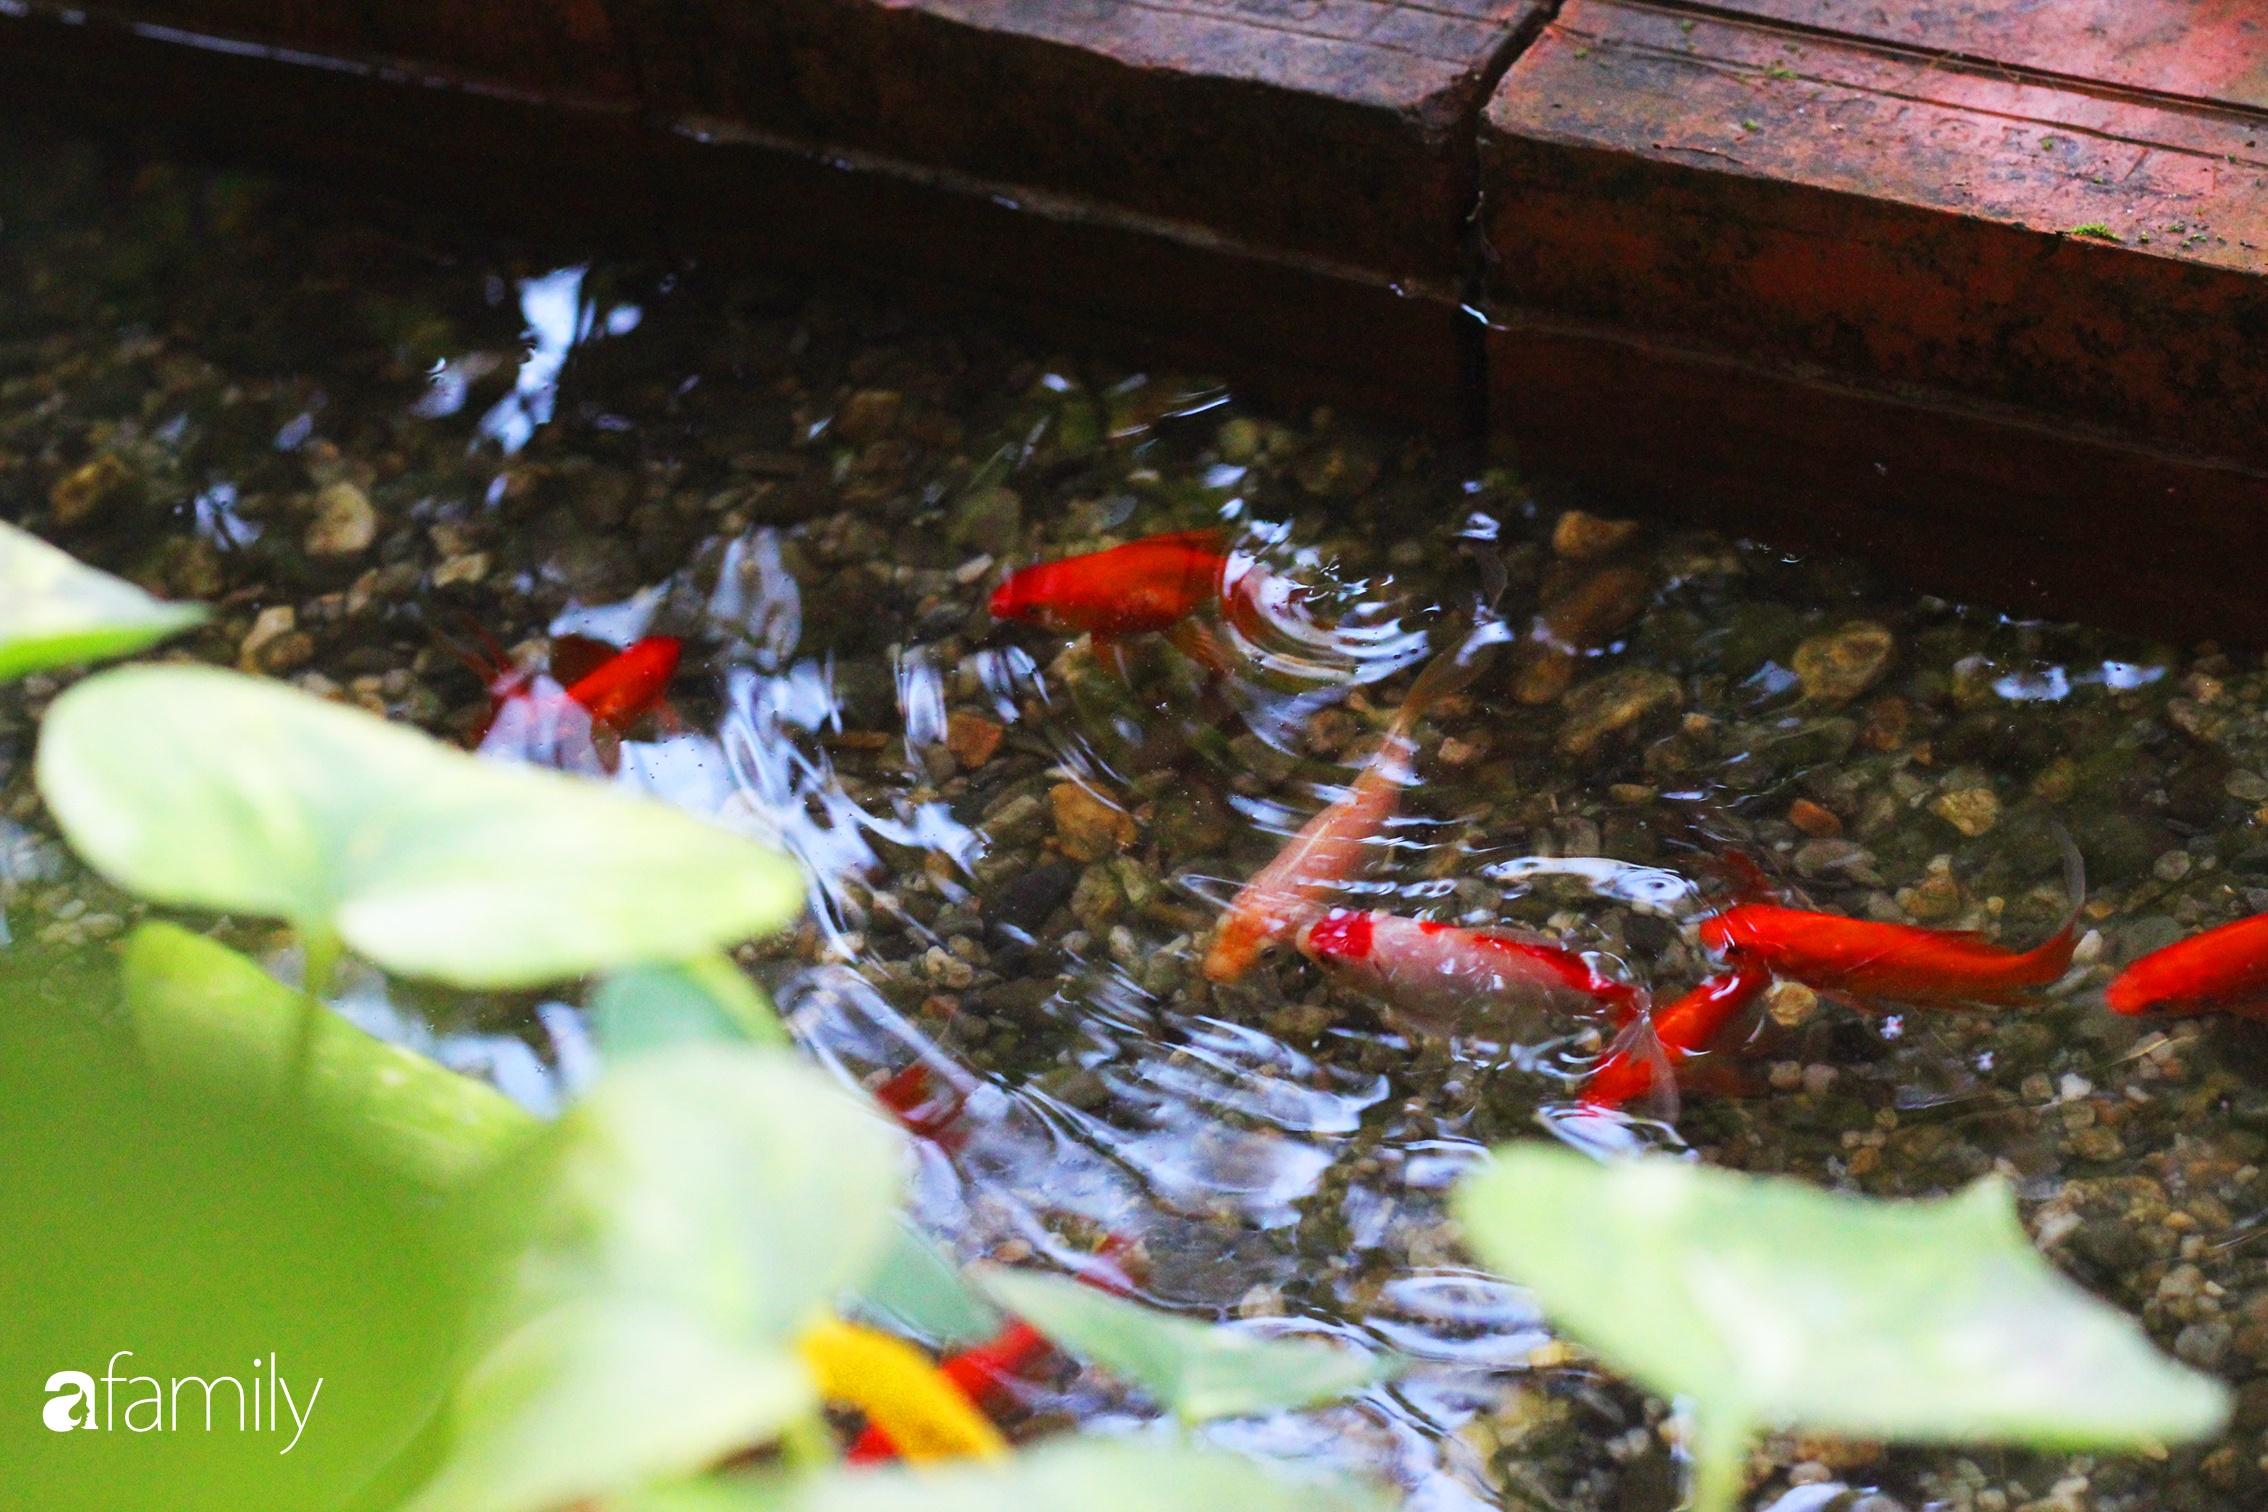 Ở nhà nghỉ dịch, chàng trai xứ Huế thảnh thơi bên ban công tự thiết kế với tiểu cảnh có hoa có cá phong cách nhiệt đới - Ảnh 14.